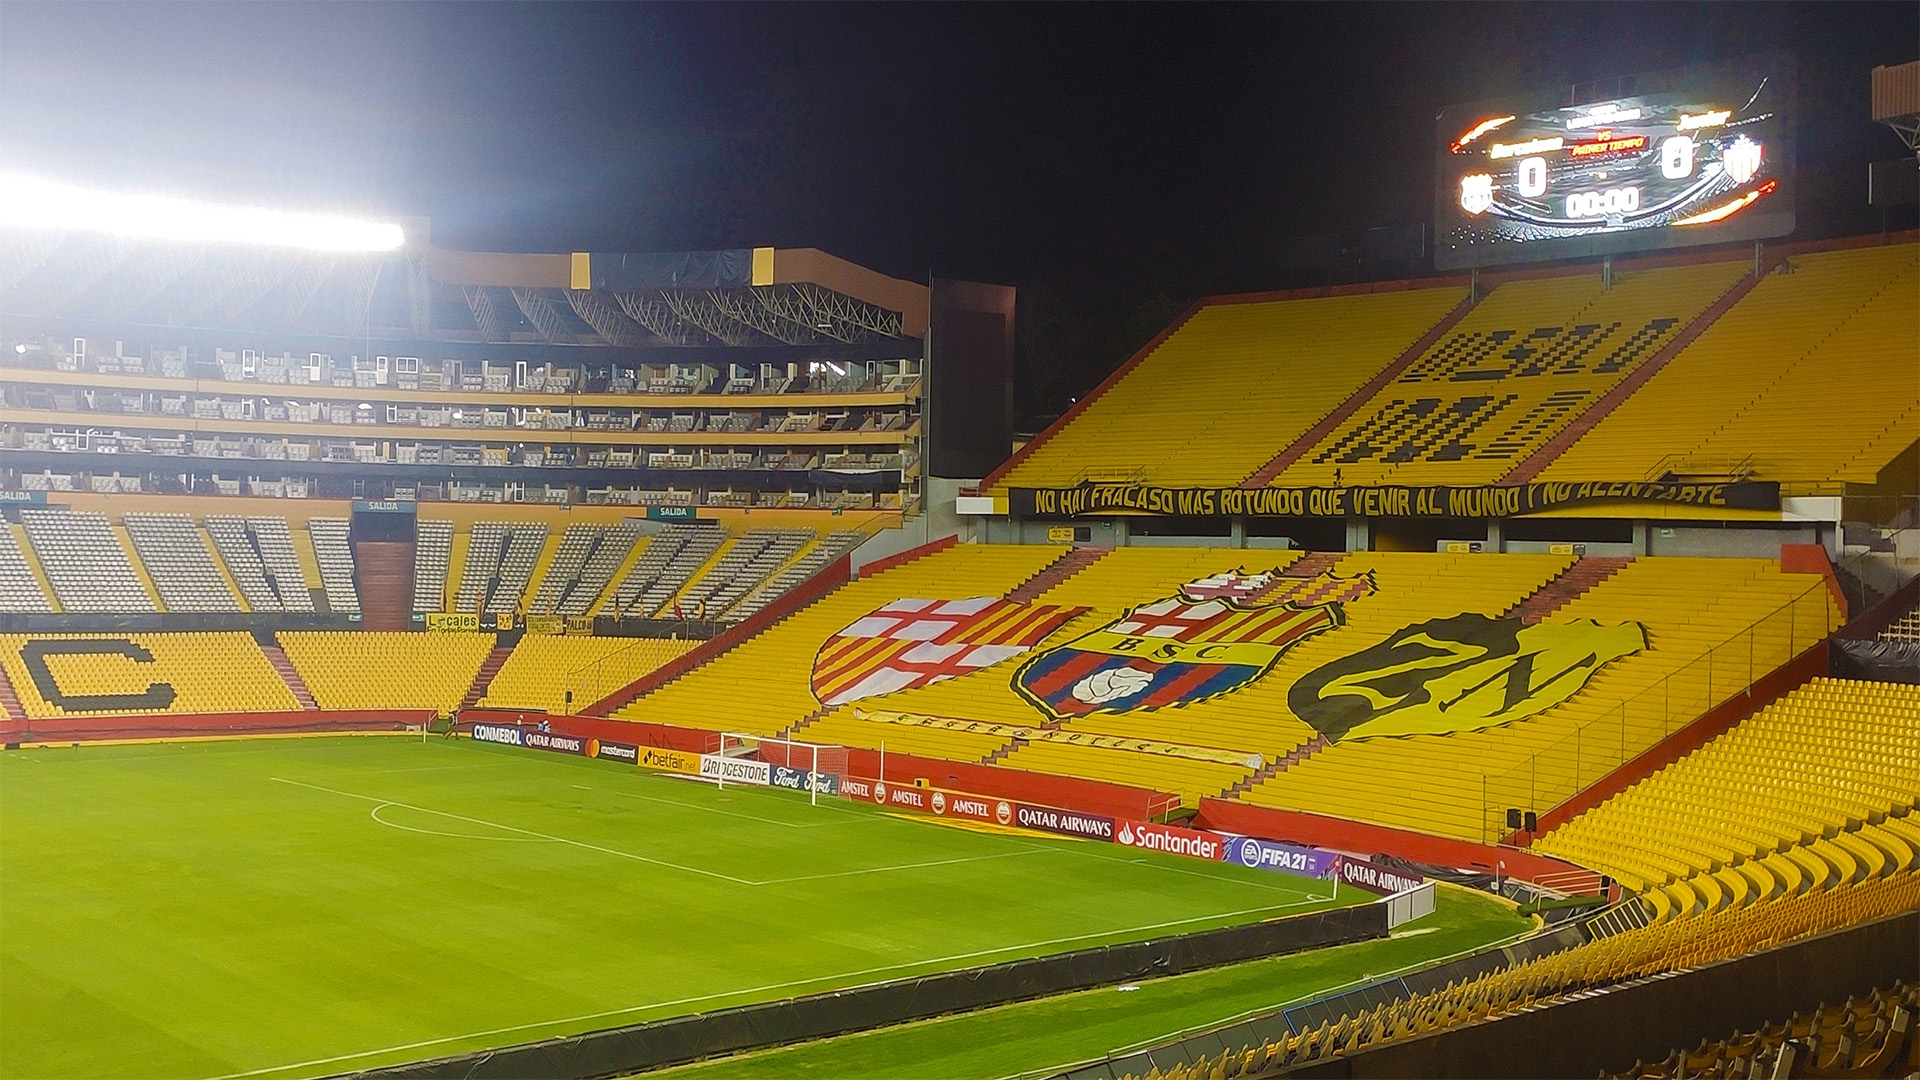 Barcelona de  Guayaquil adversário do Flamengo na semifinal da Libertadores estádio